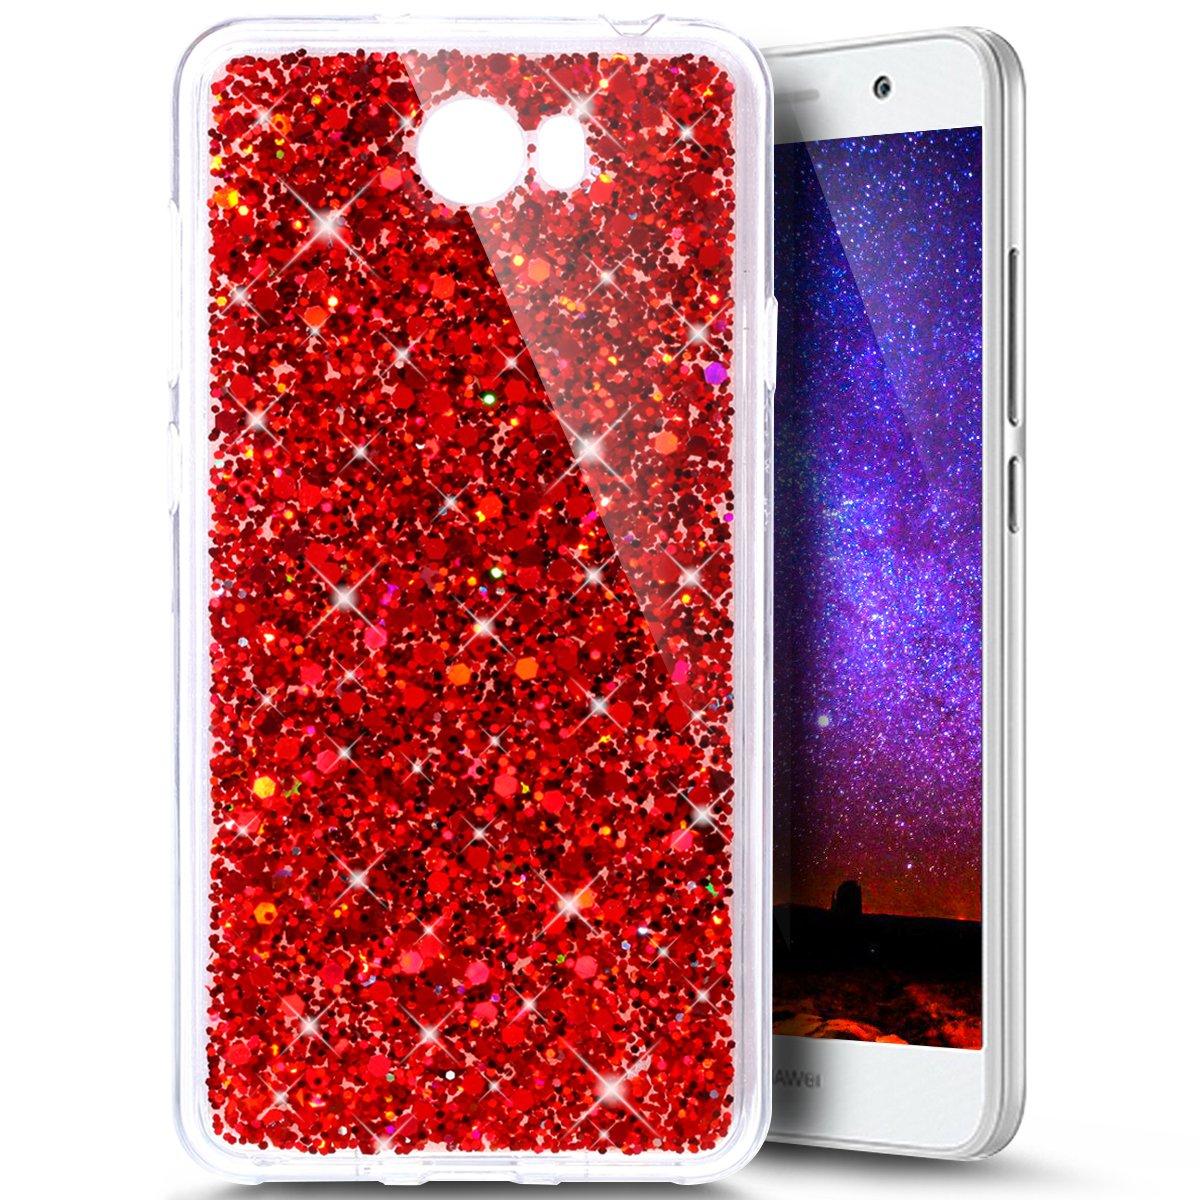 Paillette Coque pour Huawei Y5 II,Huawei Y5 2 Coque Silicone Étui Ultra Mince Housse Brillants Coque Rouge Etui en Silicone, Huawei Y5 2 Silicone Case Soft TPU Cover, Ukayfe Etui de Protection Cas en caoutchouc en Ultra Slim Souple Cristal Transparent Clai